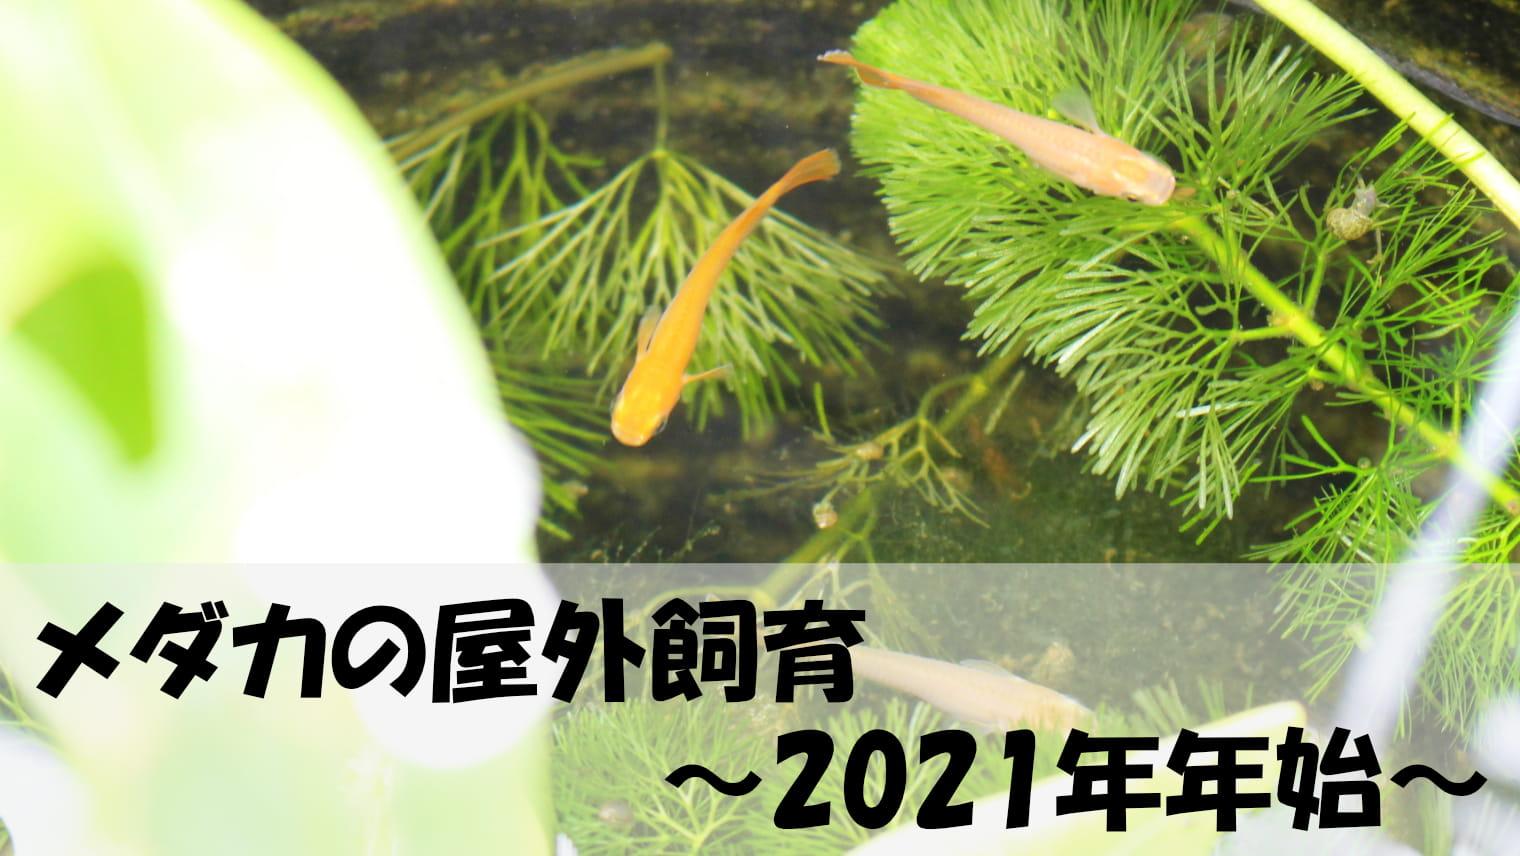 メダカの屋外飼育「2021年年始」